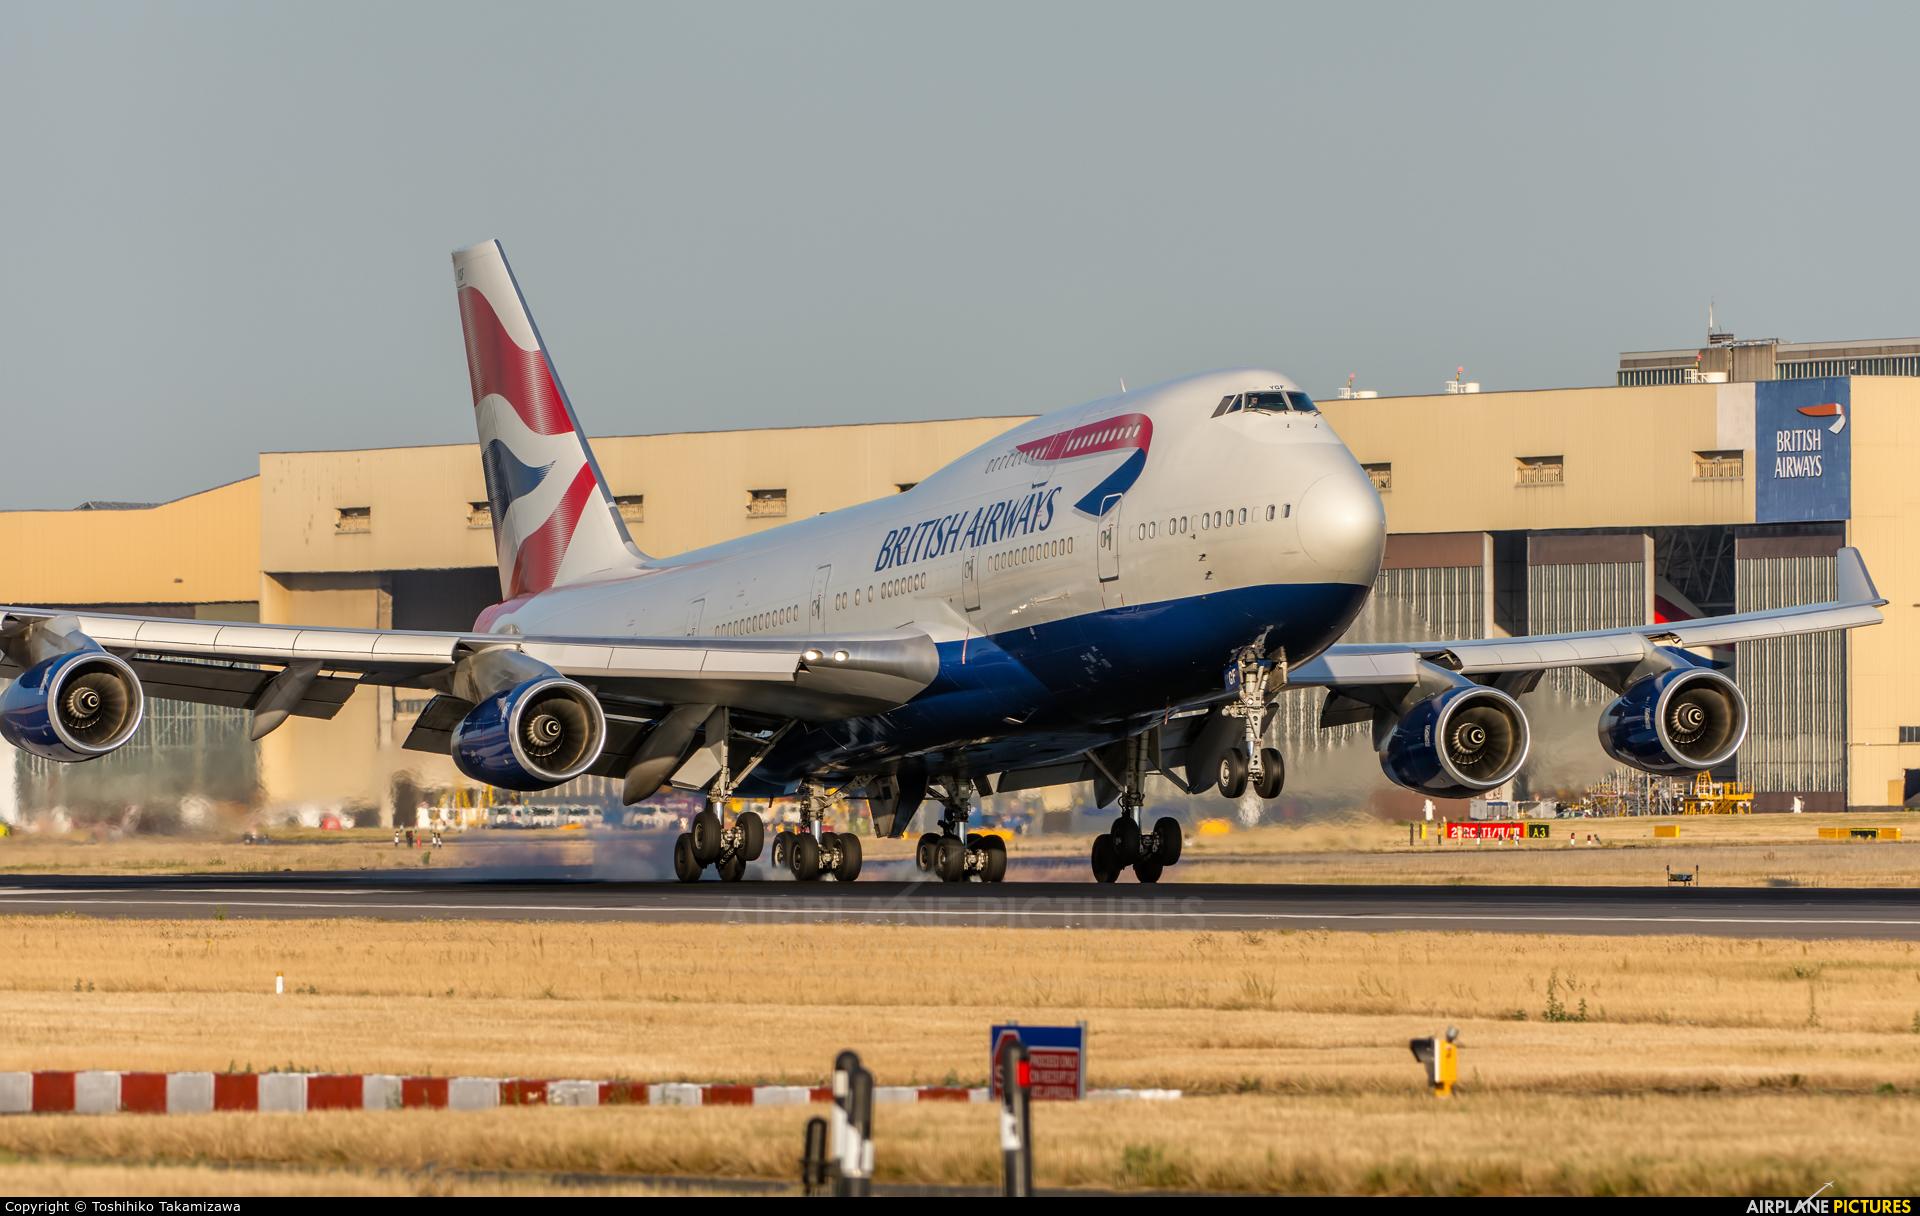 British Airways G-BYGF aircraft at London - Heathrow